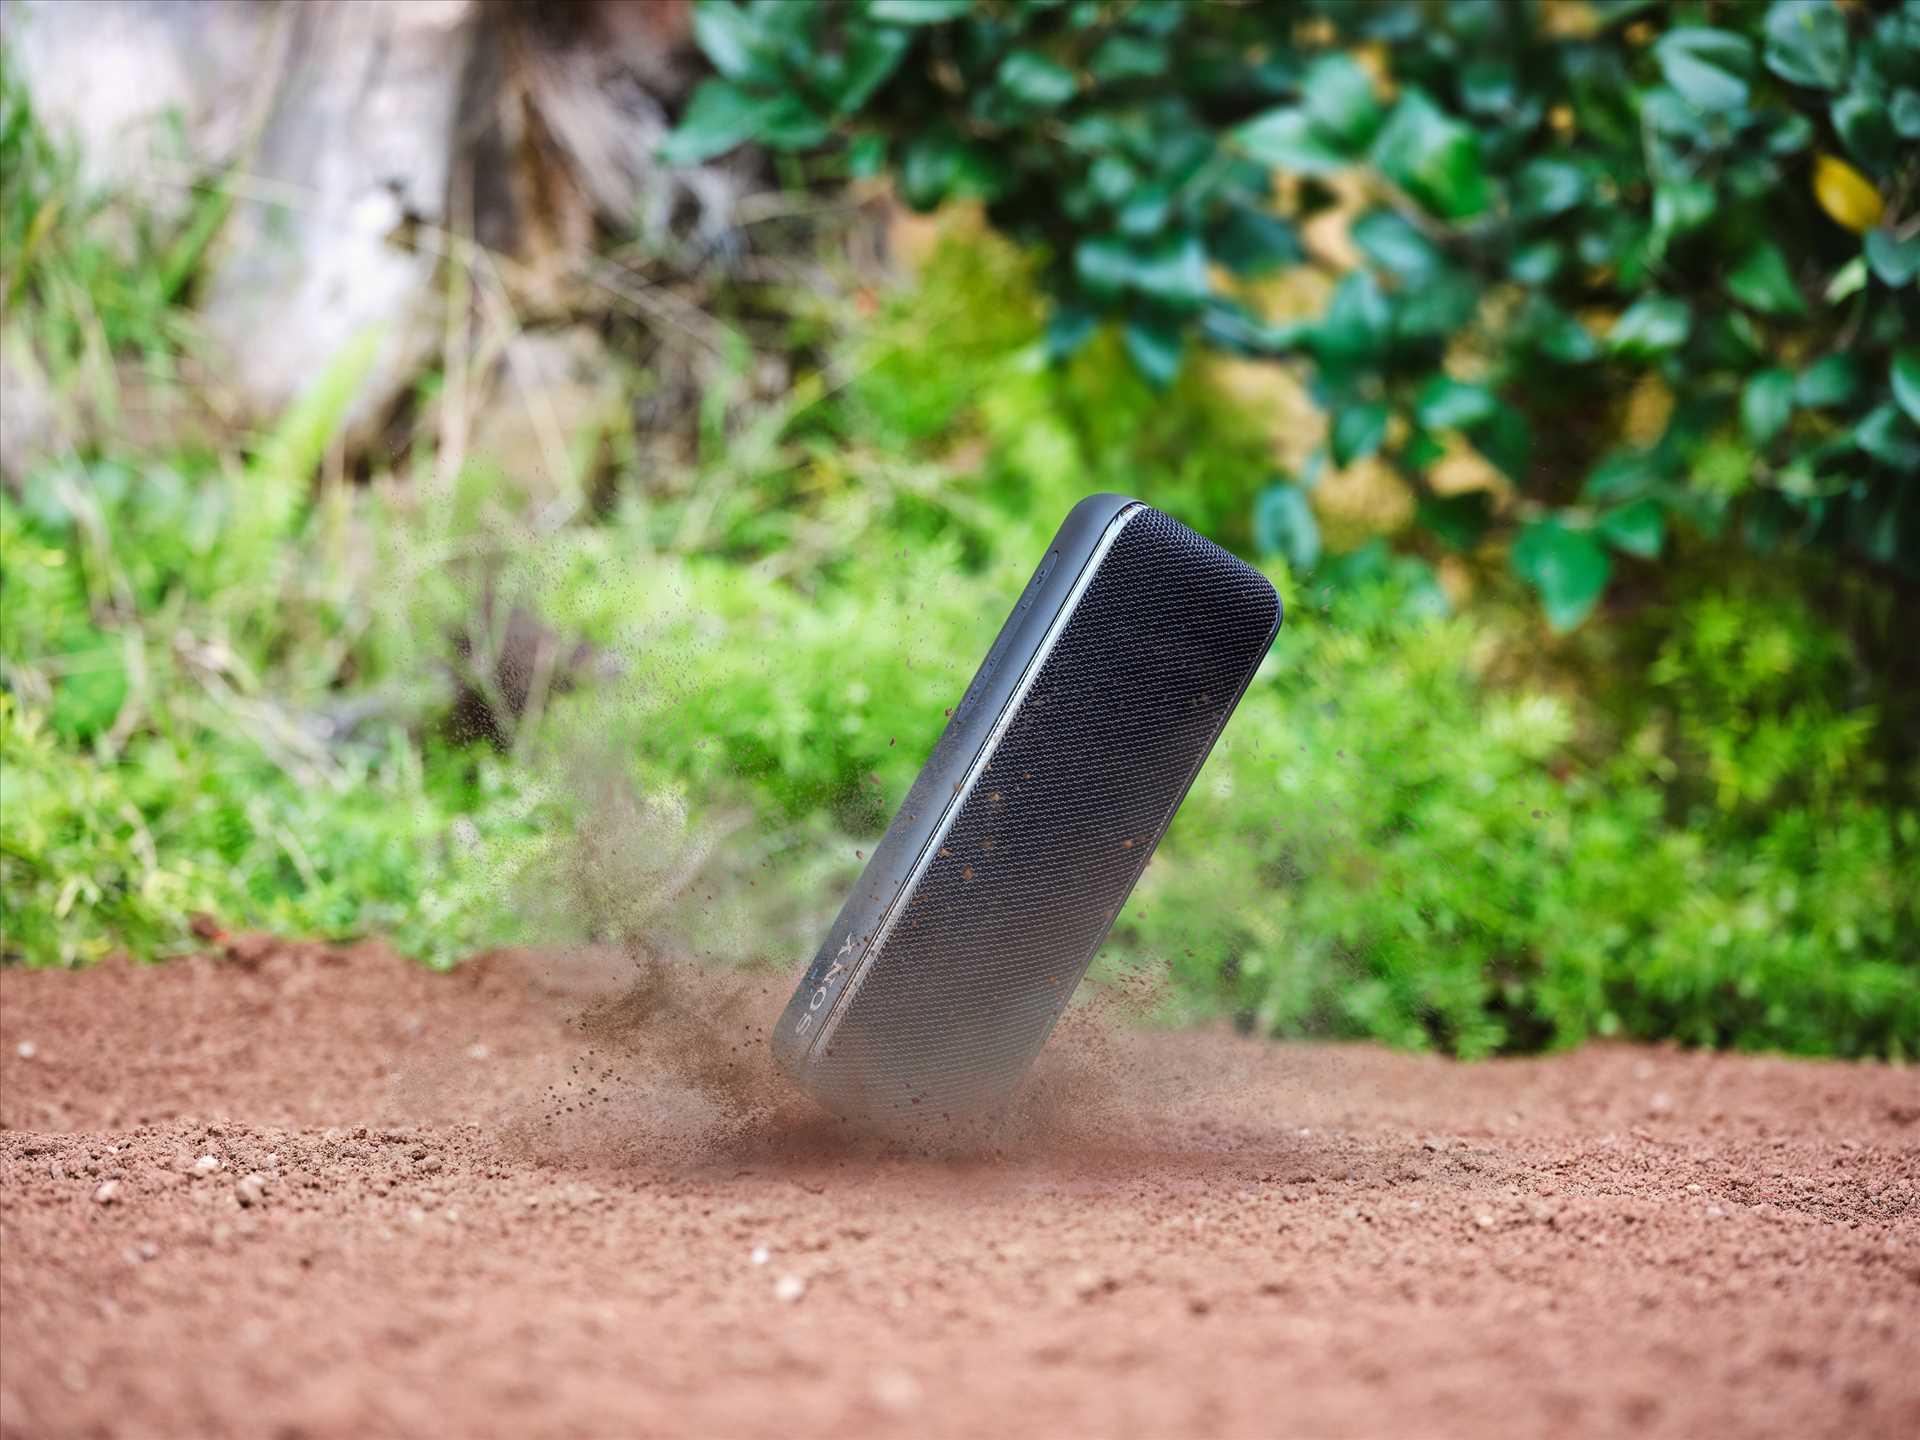 רמקול נייד שחור Sony SRS-XB32B סוני - תמונה 16